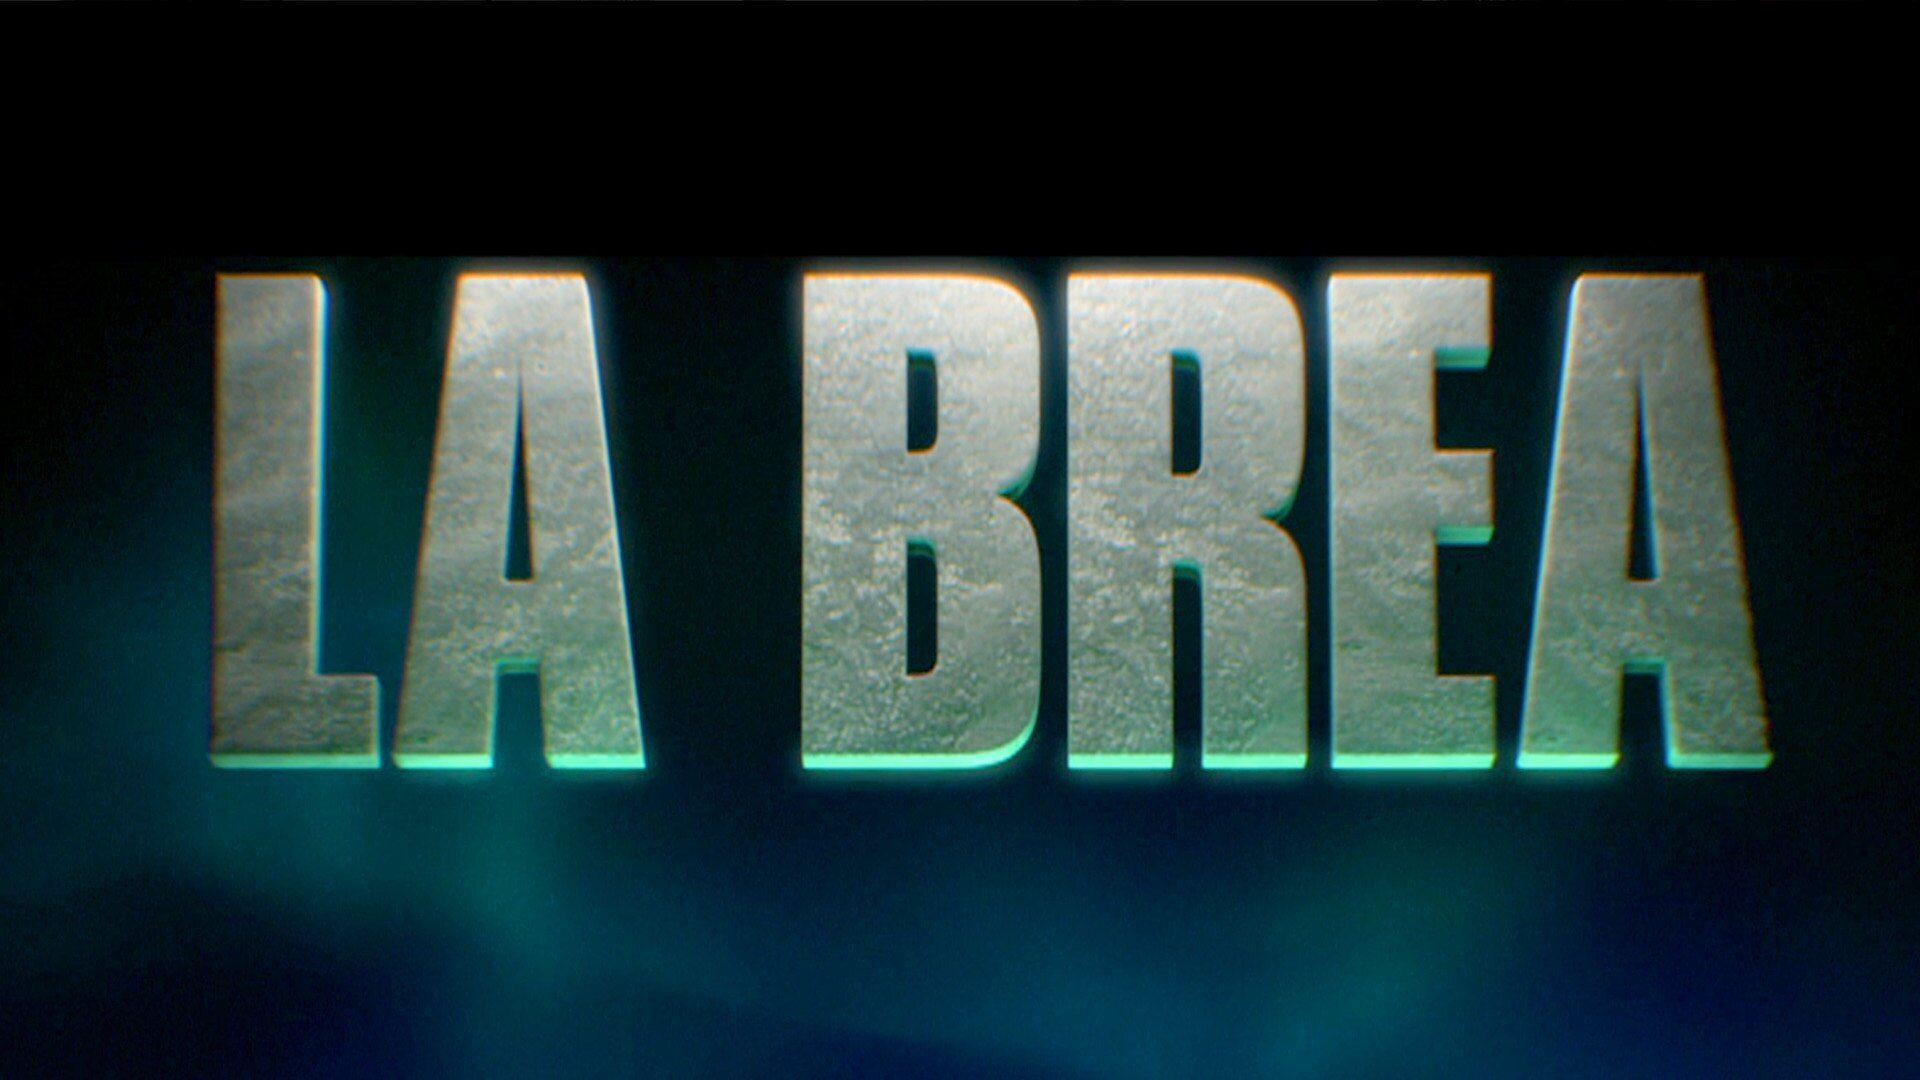 La Brea: Release Date, Plot, Cast & Trailer - OtakuKart